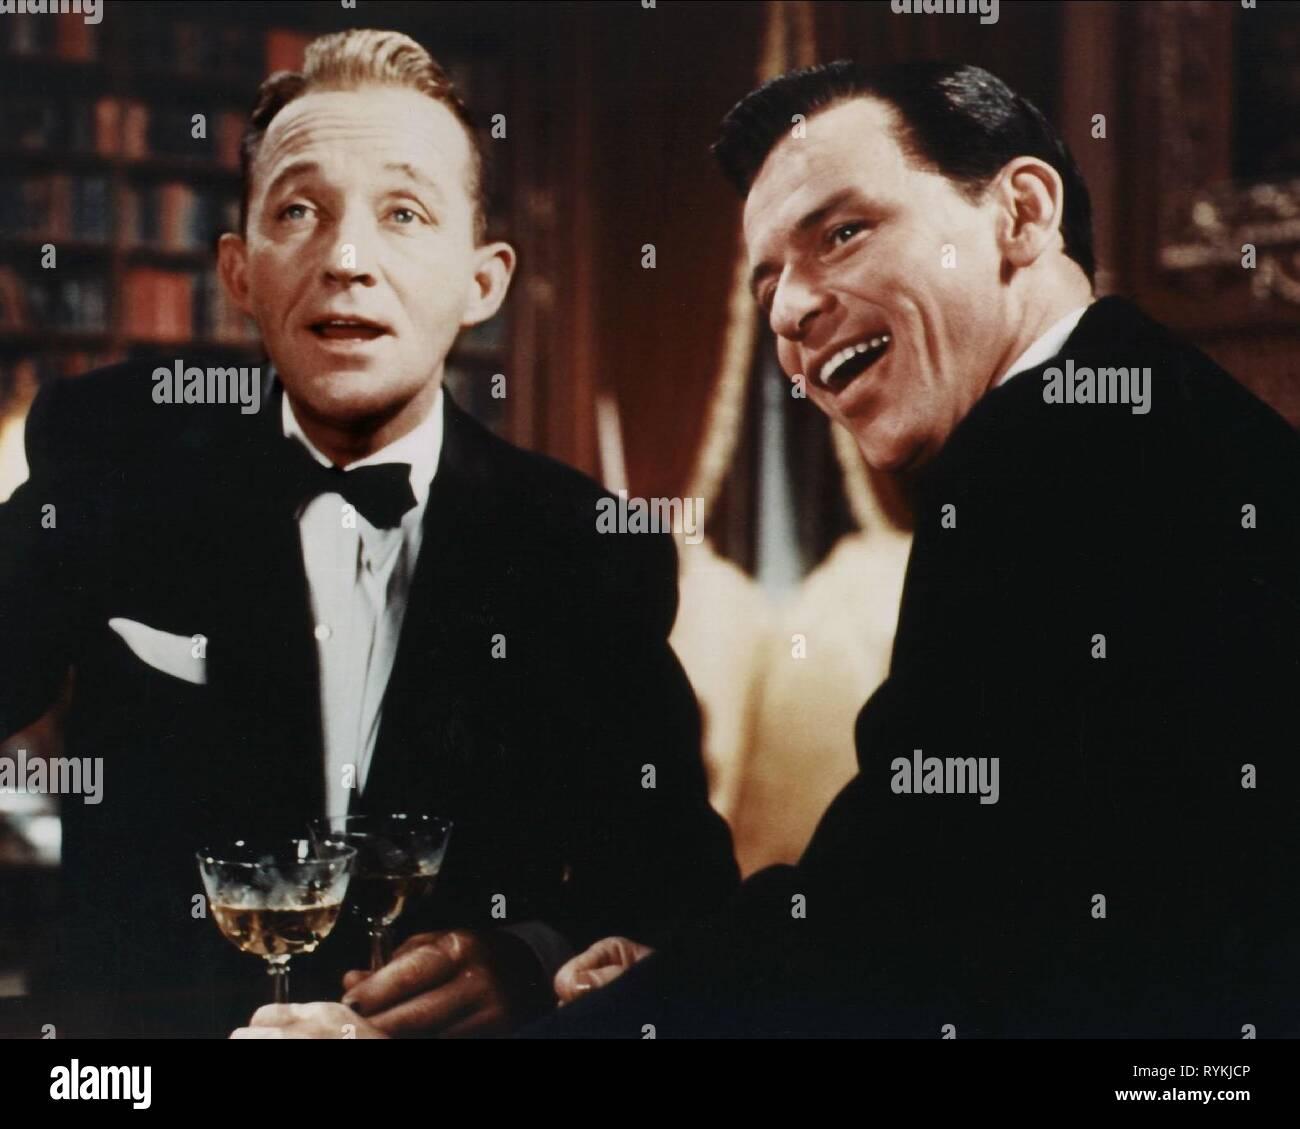 CROSBY,SINATRA, HIGH SOCIETY, 1956 - Stock Image